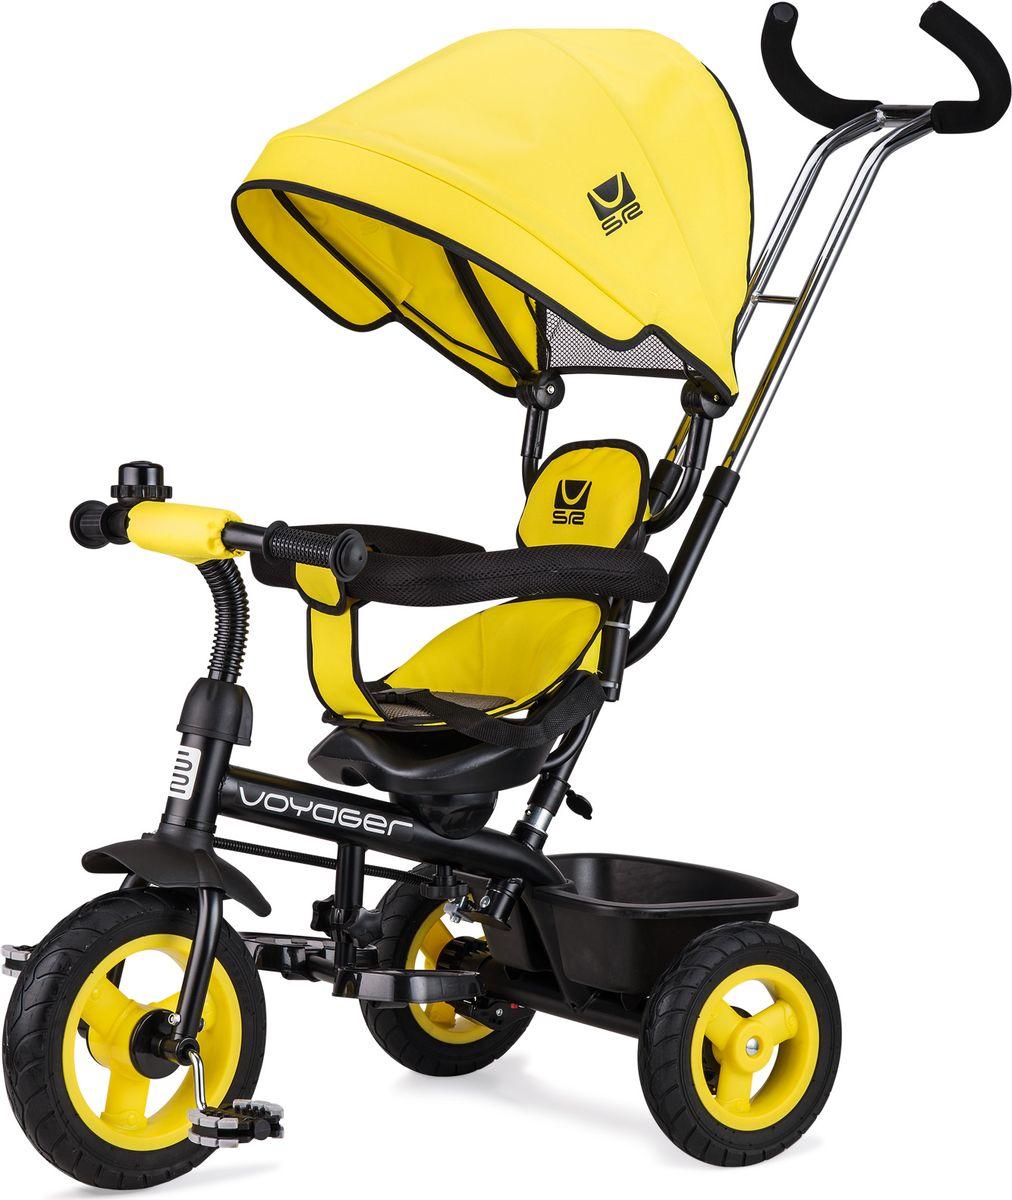 Small Rider Велосипед трехколесный Voyager цвет желтый1269025Превратите каждую прогулку в Вояж или Путешествие! Смолл Райдер Вояджер - это комфортный трехколесный велосипед нового поколения, воплотивший в себе все современные функции и высокие требования к комфорту ребенка. Стильный дизайн европейского уровня. Трехколесный велосипед является и детским транспортом, и модным аксессуаром, подчеркивающим Ваш стиль на прогулке. Красота линий велосипеда радует глаз, акцентирует фокус на легкости и спортивности, воплощает лаконичность и изящество формы. Бескамерные покрышки. Колеса у велосипеда имеют специальные бескамерные покрышки, которые по внешнему виду и ощущениям абсолютно идентичны надувным, но при этом не требуют подкачки и не прокалываются. Колесо все время как бы максимально накачано. Это современный тип колес, который объединил в себе все преимущества надувных и ПВХ колес, ведь колеса катятся плавно и мягко, не требуя ухода в будущем. Элегантные матовые диски смотрятся премиально и основательно. ...